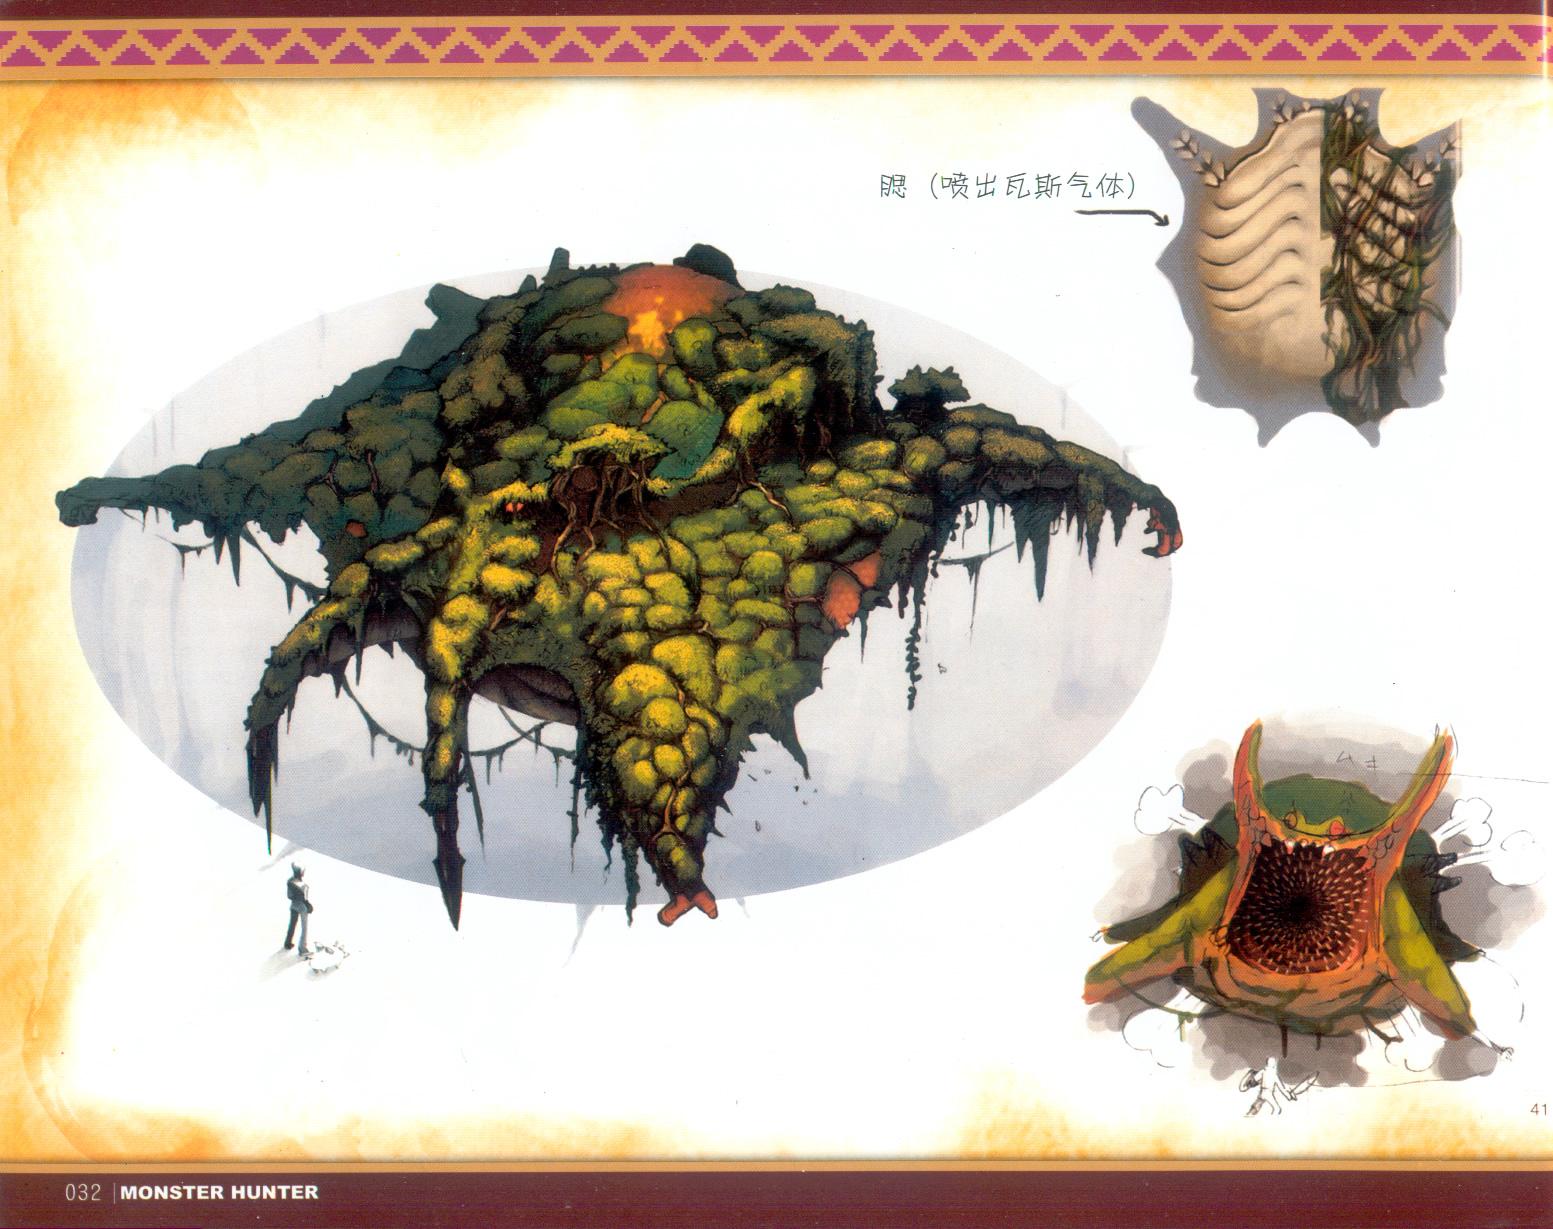 032_关注-游艺网GAME798海量资源下载怪物猎人终极画集.jpg